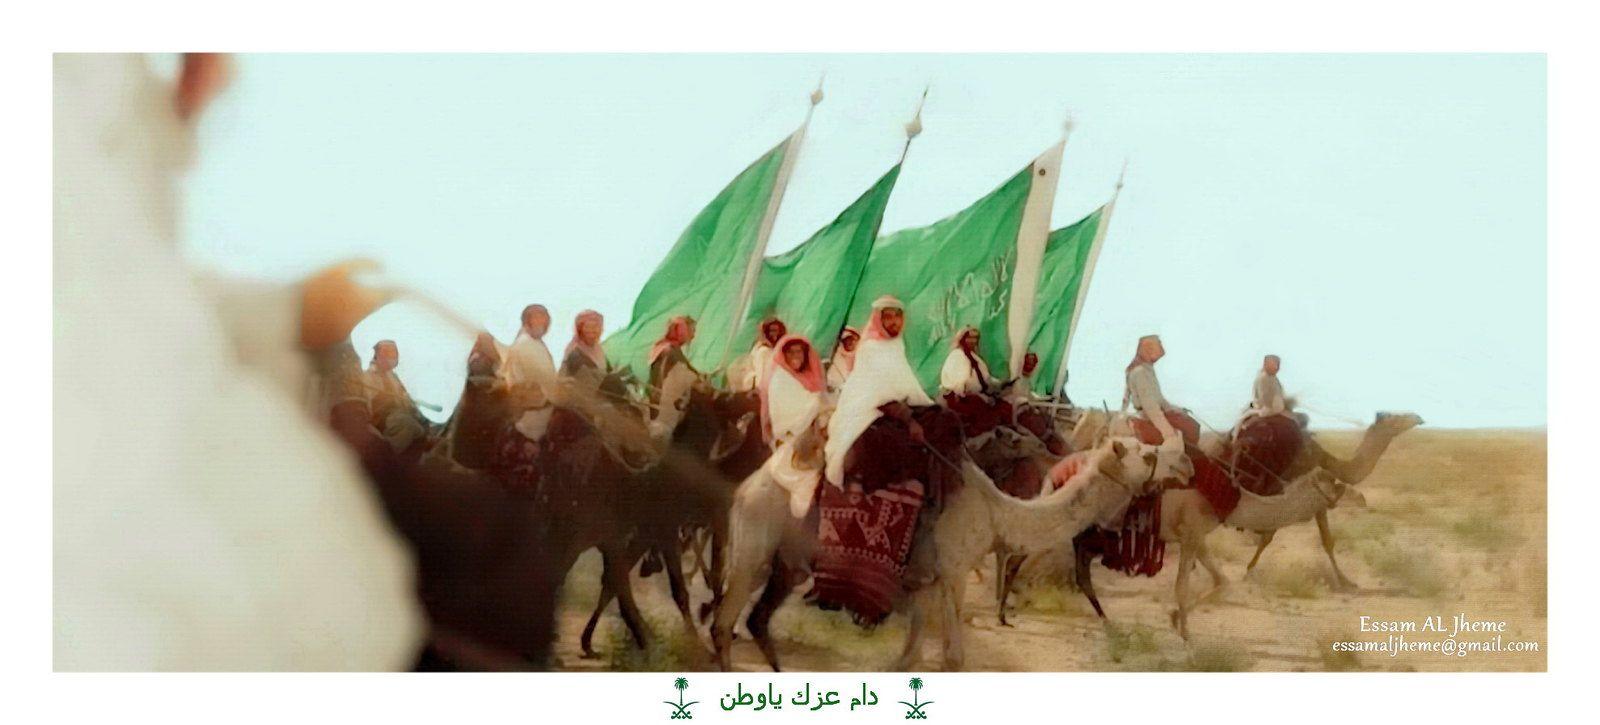 اليوم الوطني السعودي Rare Pictures Old Photography My Images